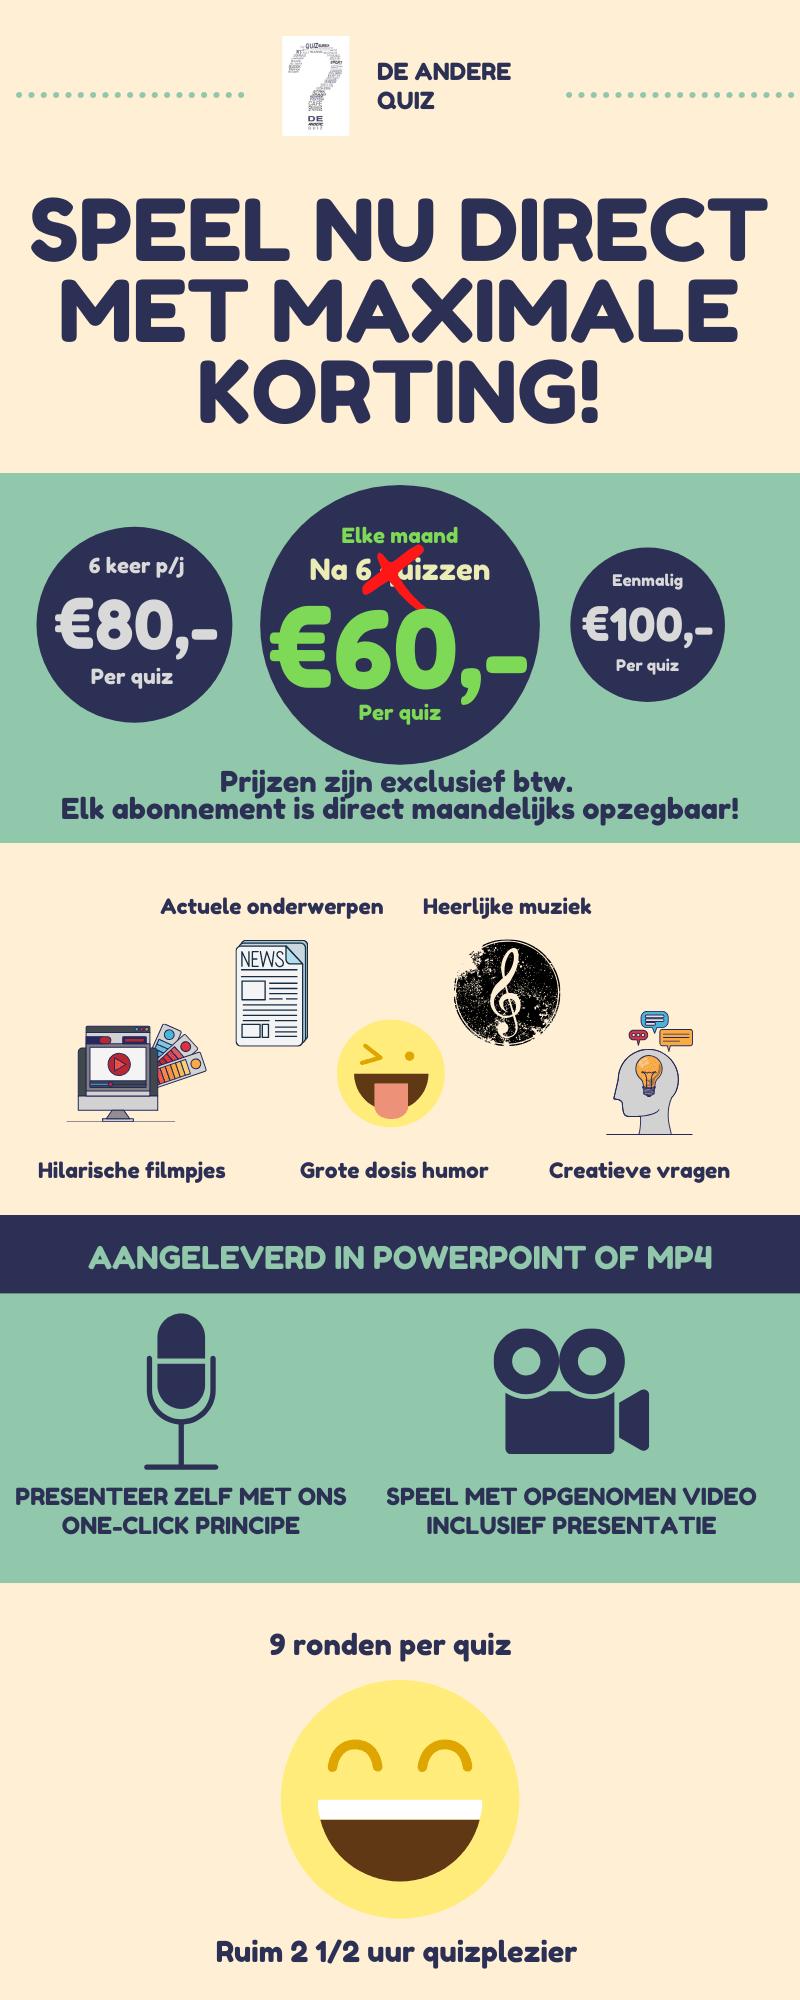 Speel onze pubquiz maandelijks voor maar 60 euro per maand